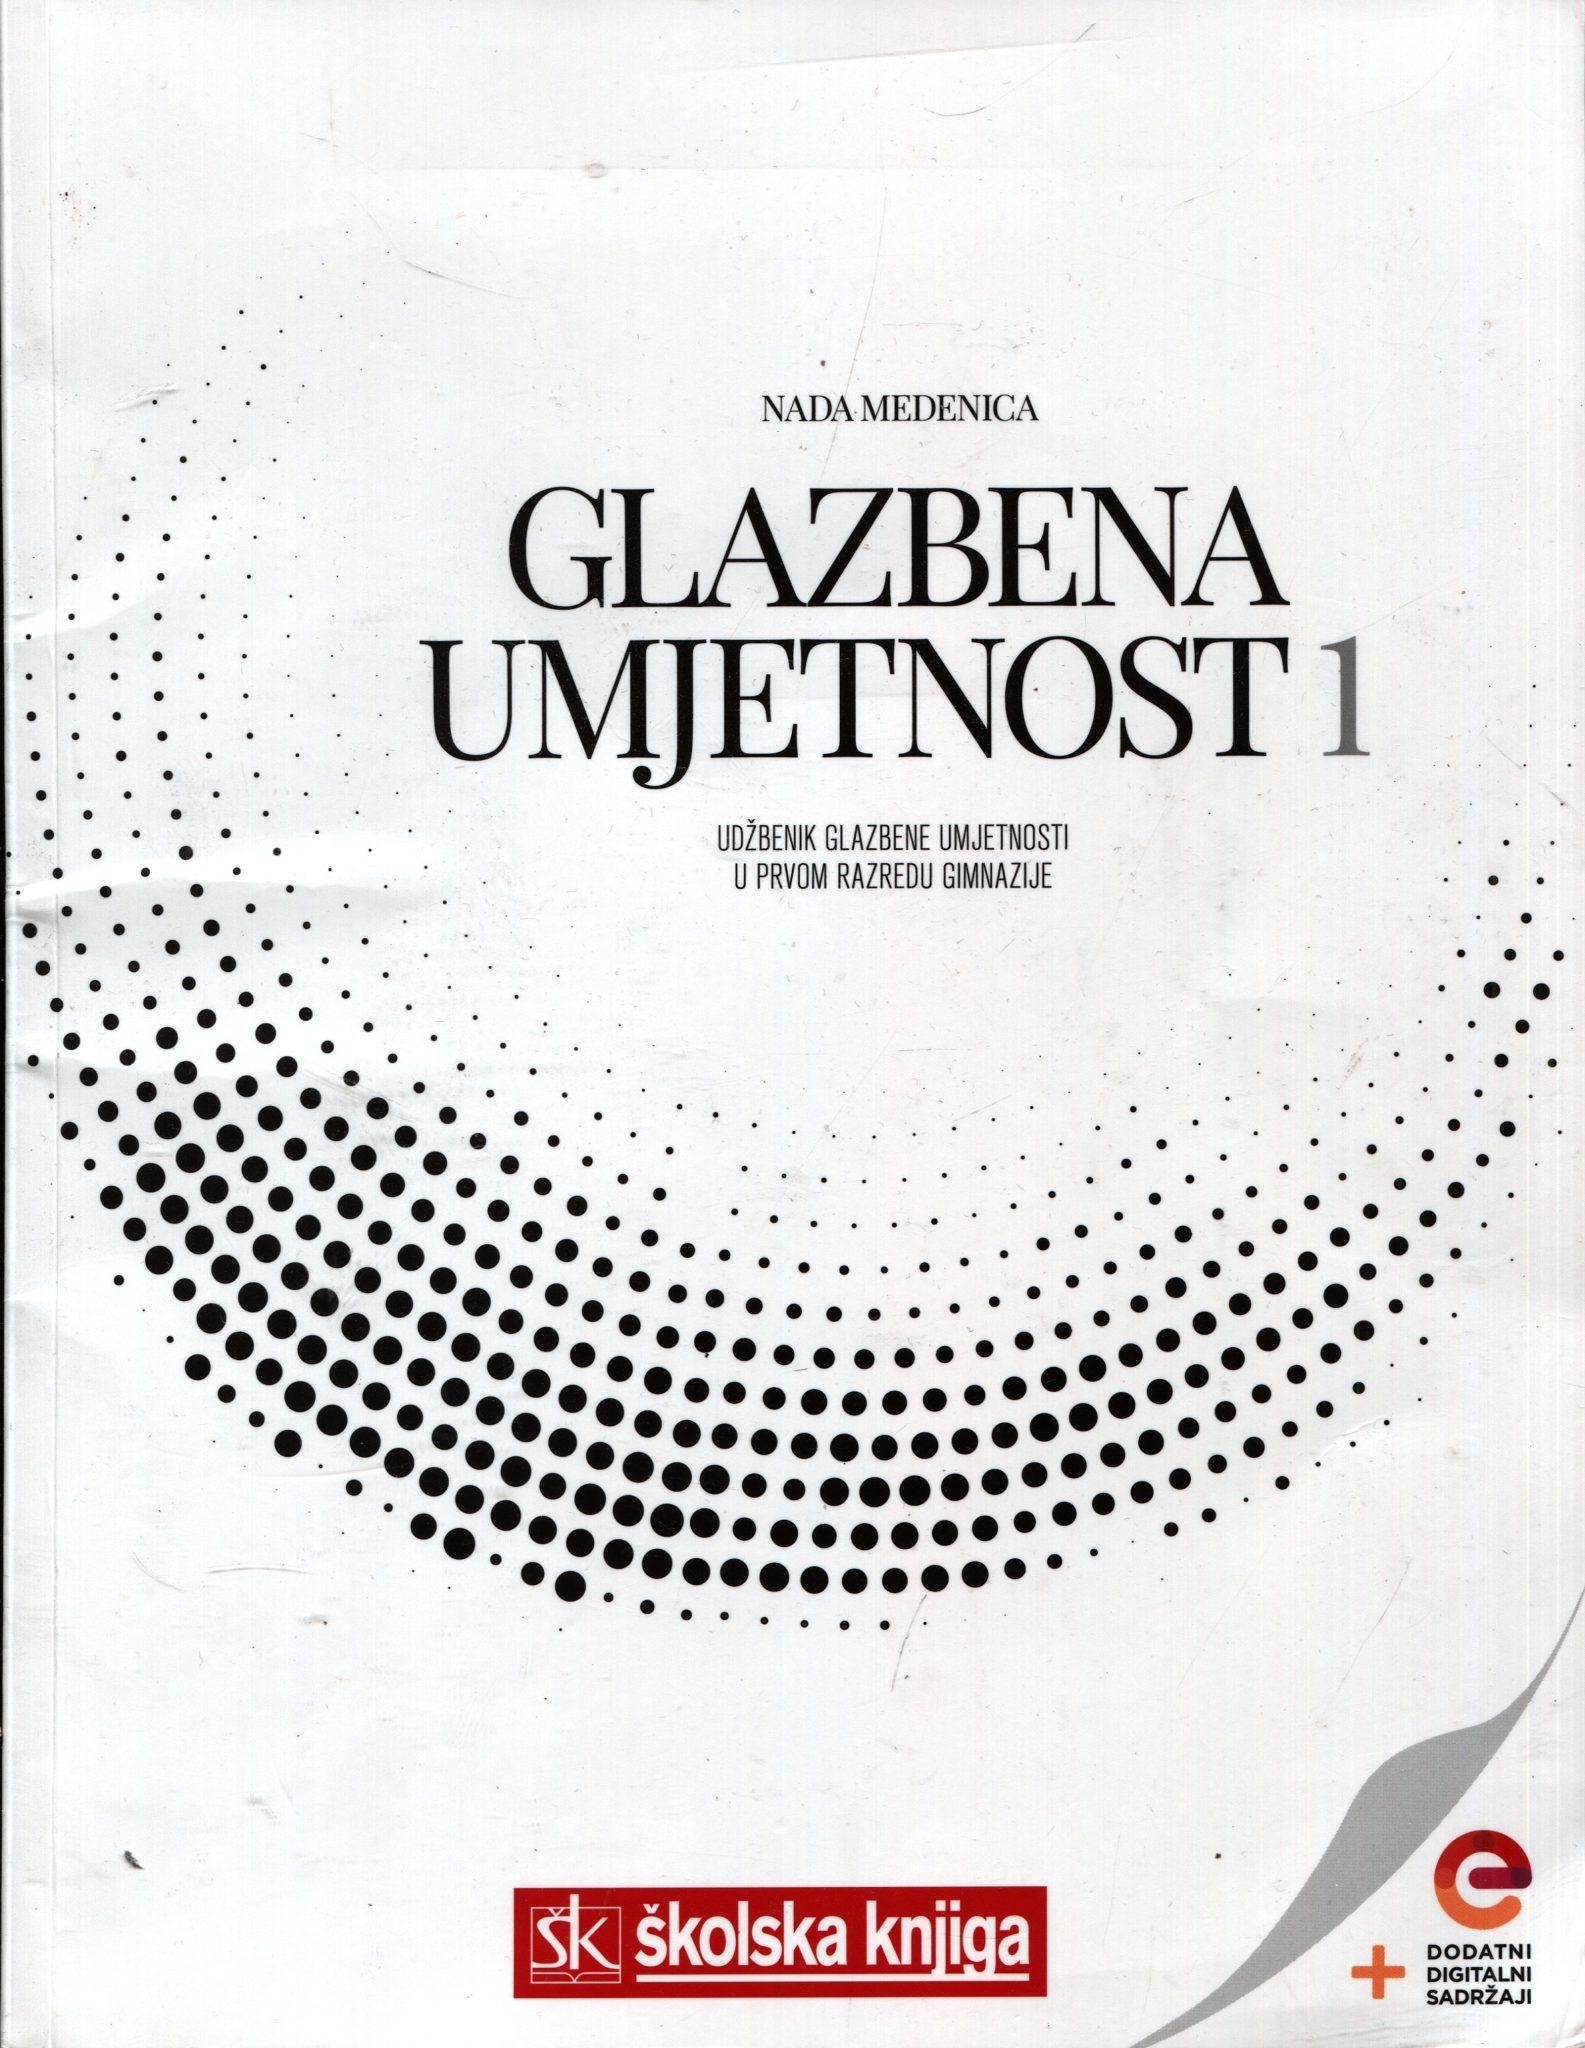 GLAZBENA UMJETNOST 1 : udžbenik glazbene umjetnosti  s dodatnim digitalnim sadržajima u prvom razredu gimnazije autora Nada Medenica